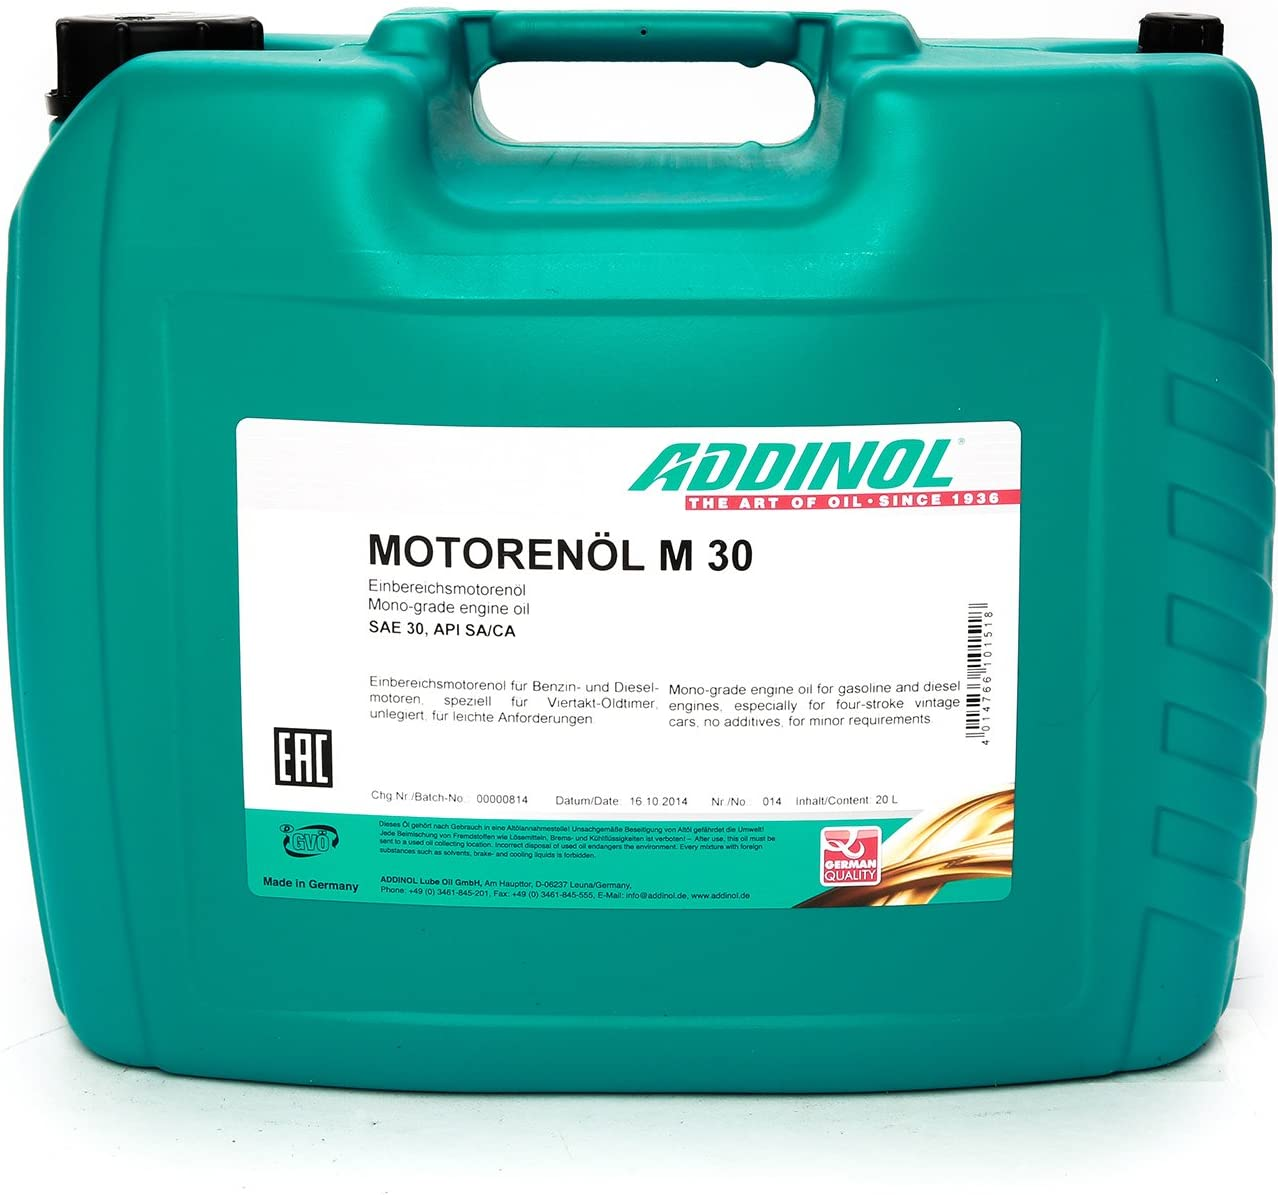 Addinol M30 Oldtimer MotorenÖl Sae Klasse 30 Viskosität 11 0 Mineralisch 20 L Kanister Auto